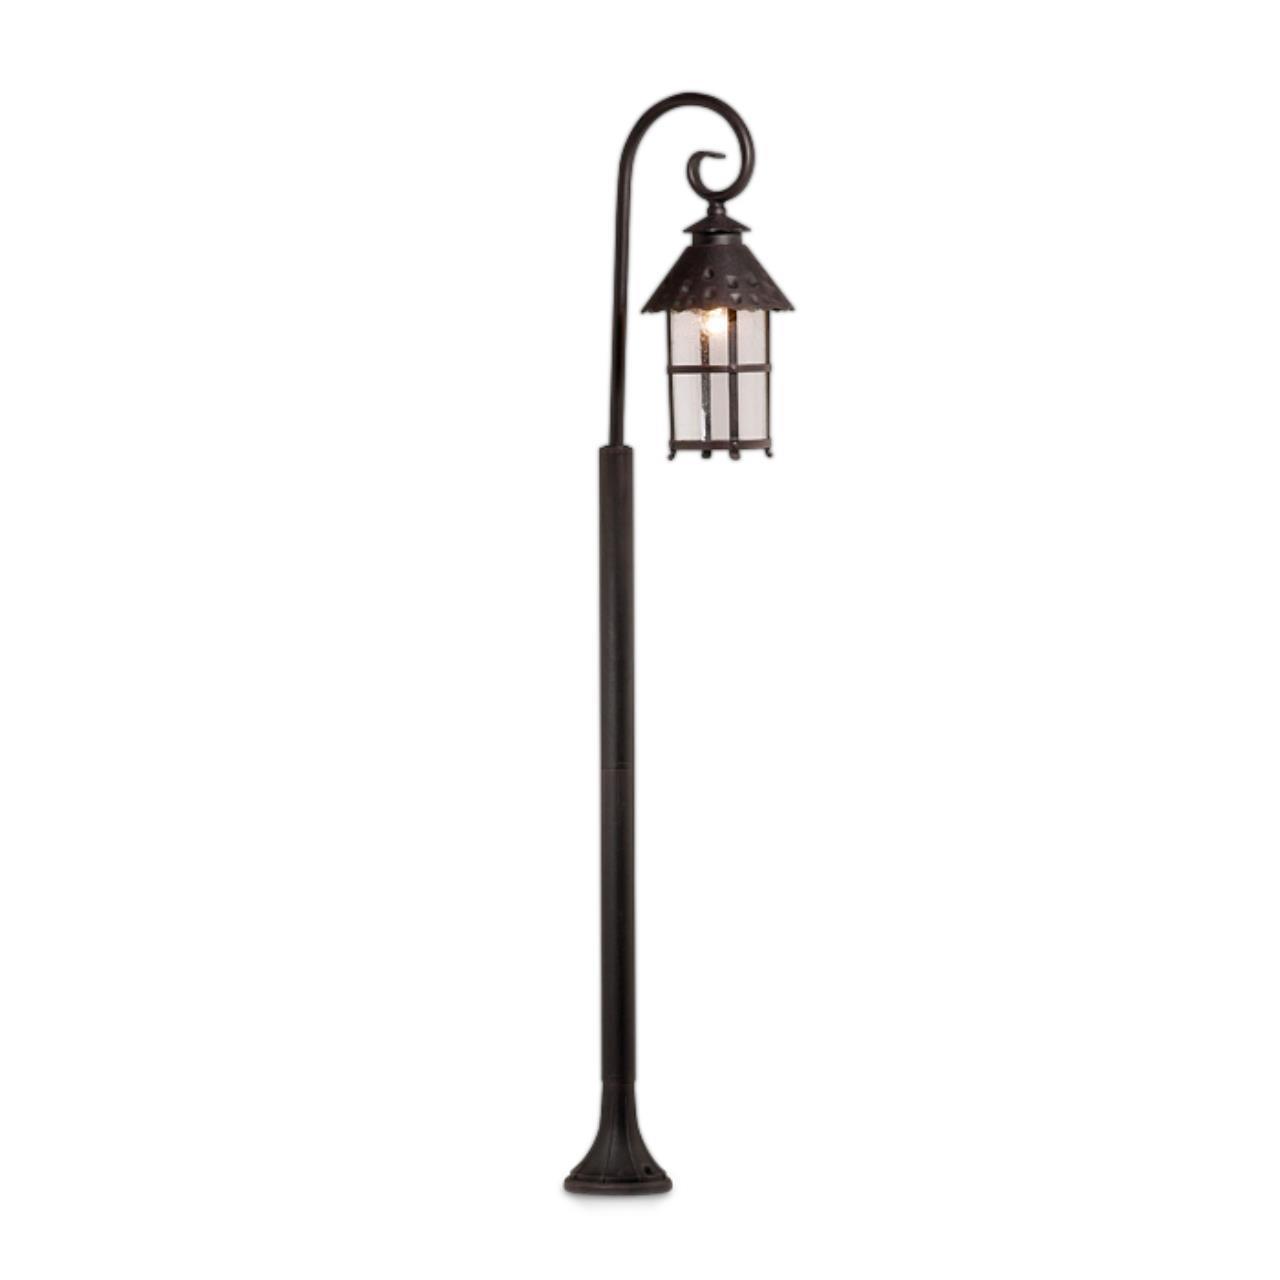 2314/1F NATURE ODL12 717 коричневый Уличный светильник 150см IP44 E27 60W 220V LUMI